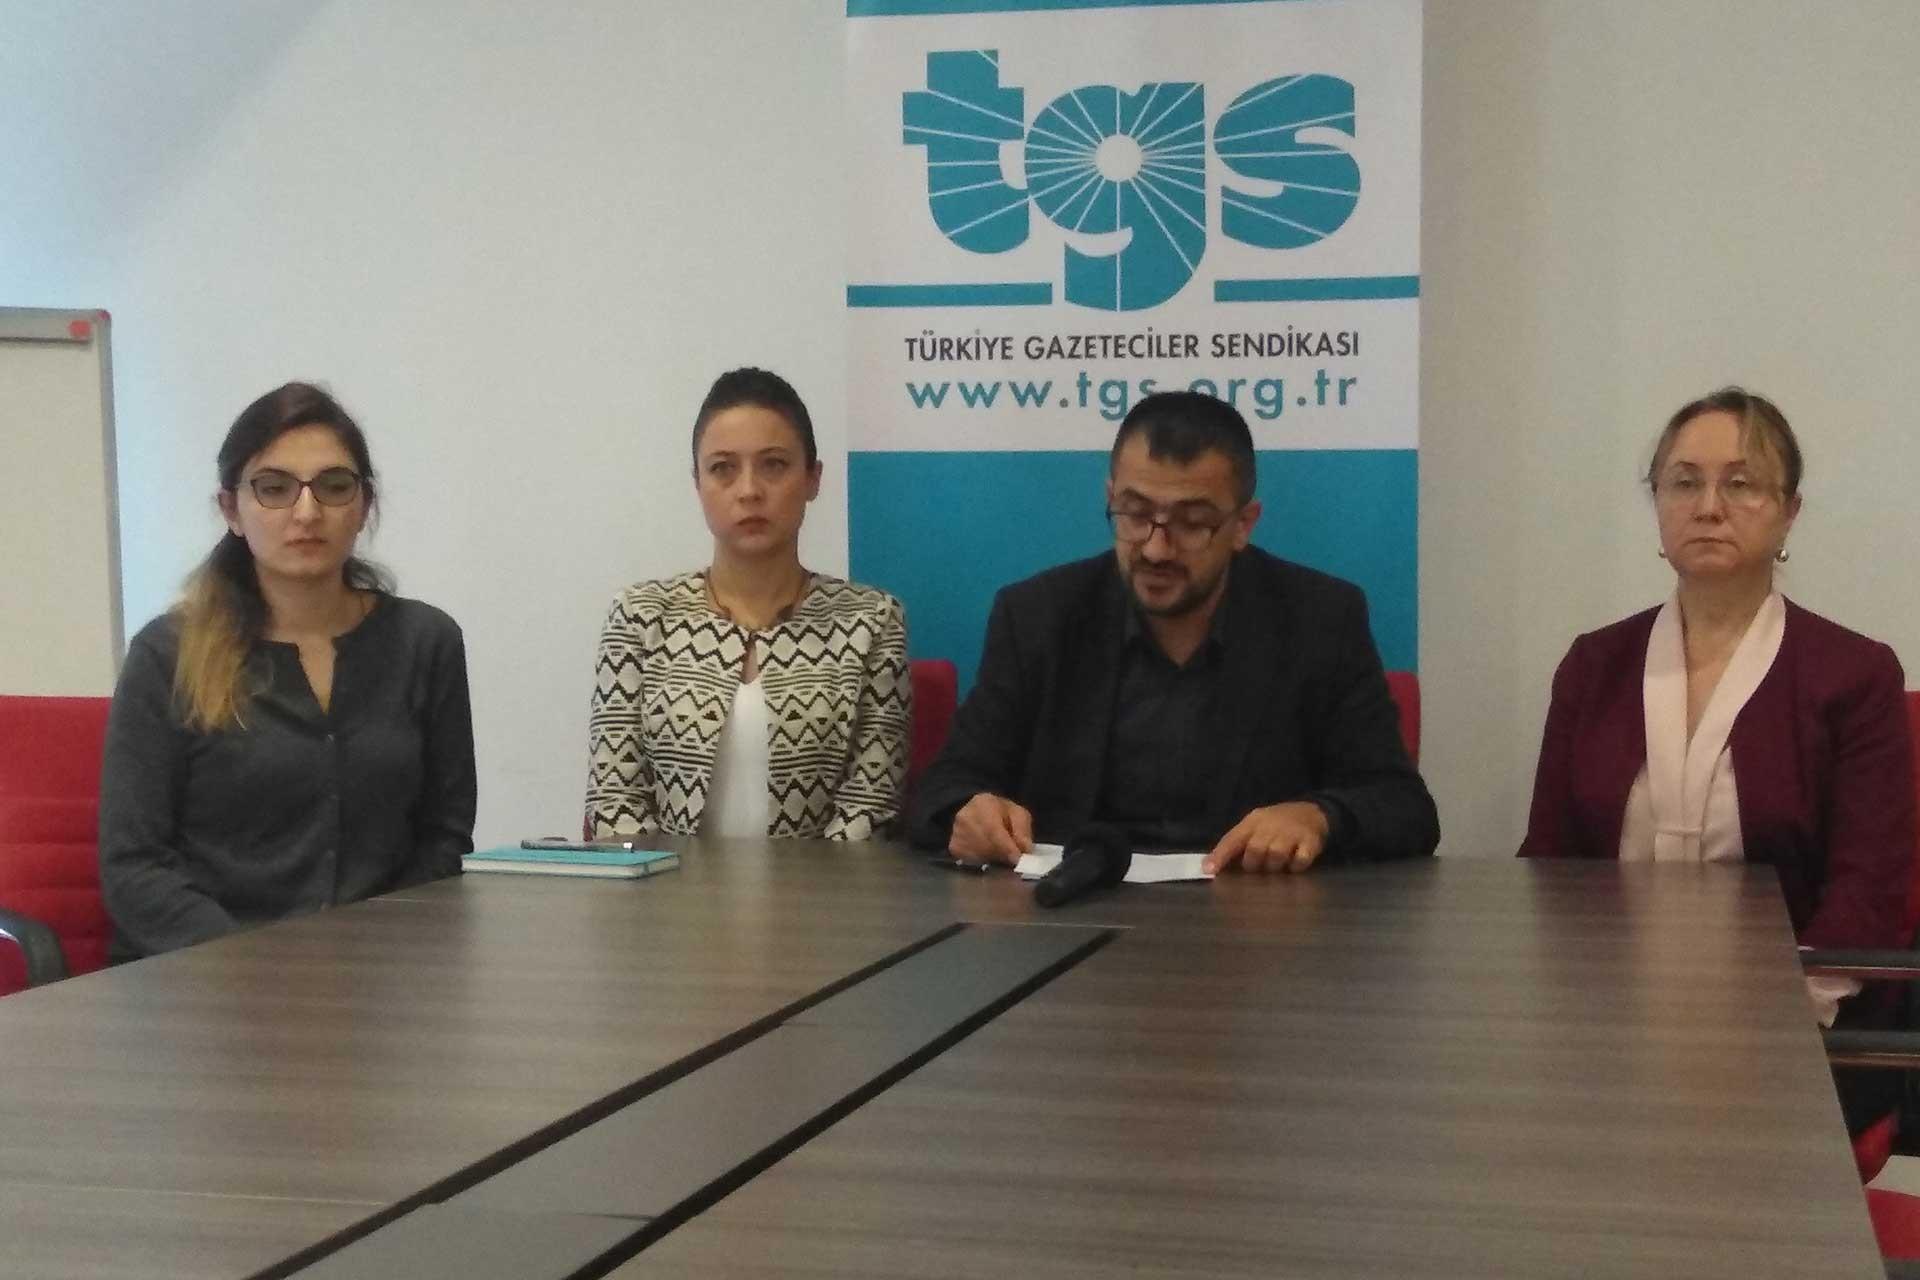 Türkiye Gazeteciler Sendikası Genel Başkanı Gökhan Durmuş ve sendika avukatları açıklama yapıyor.